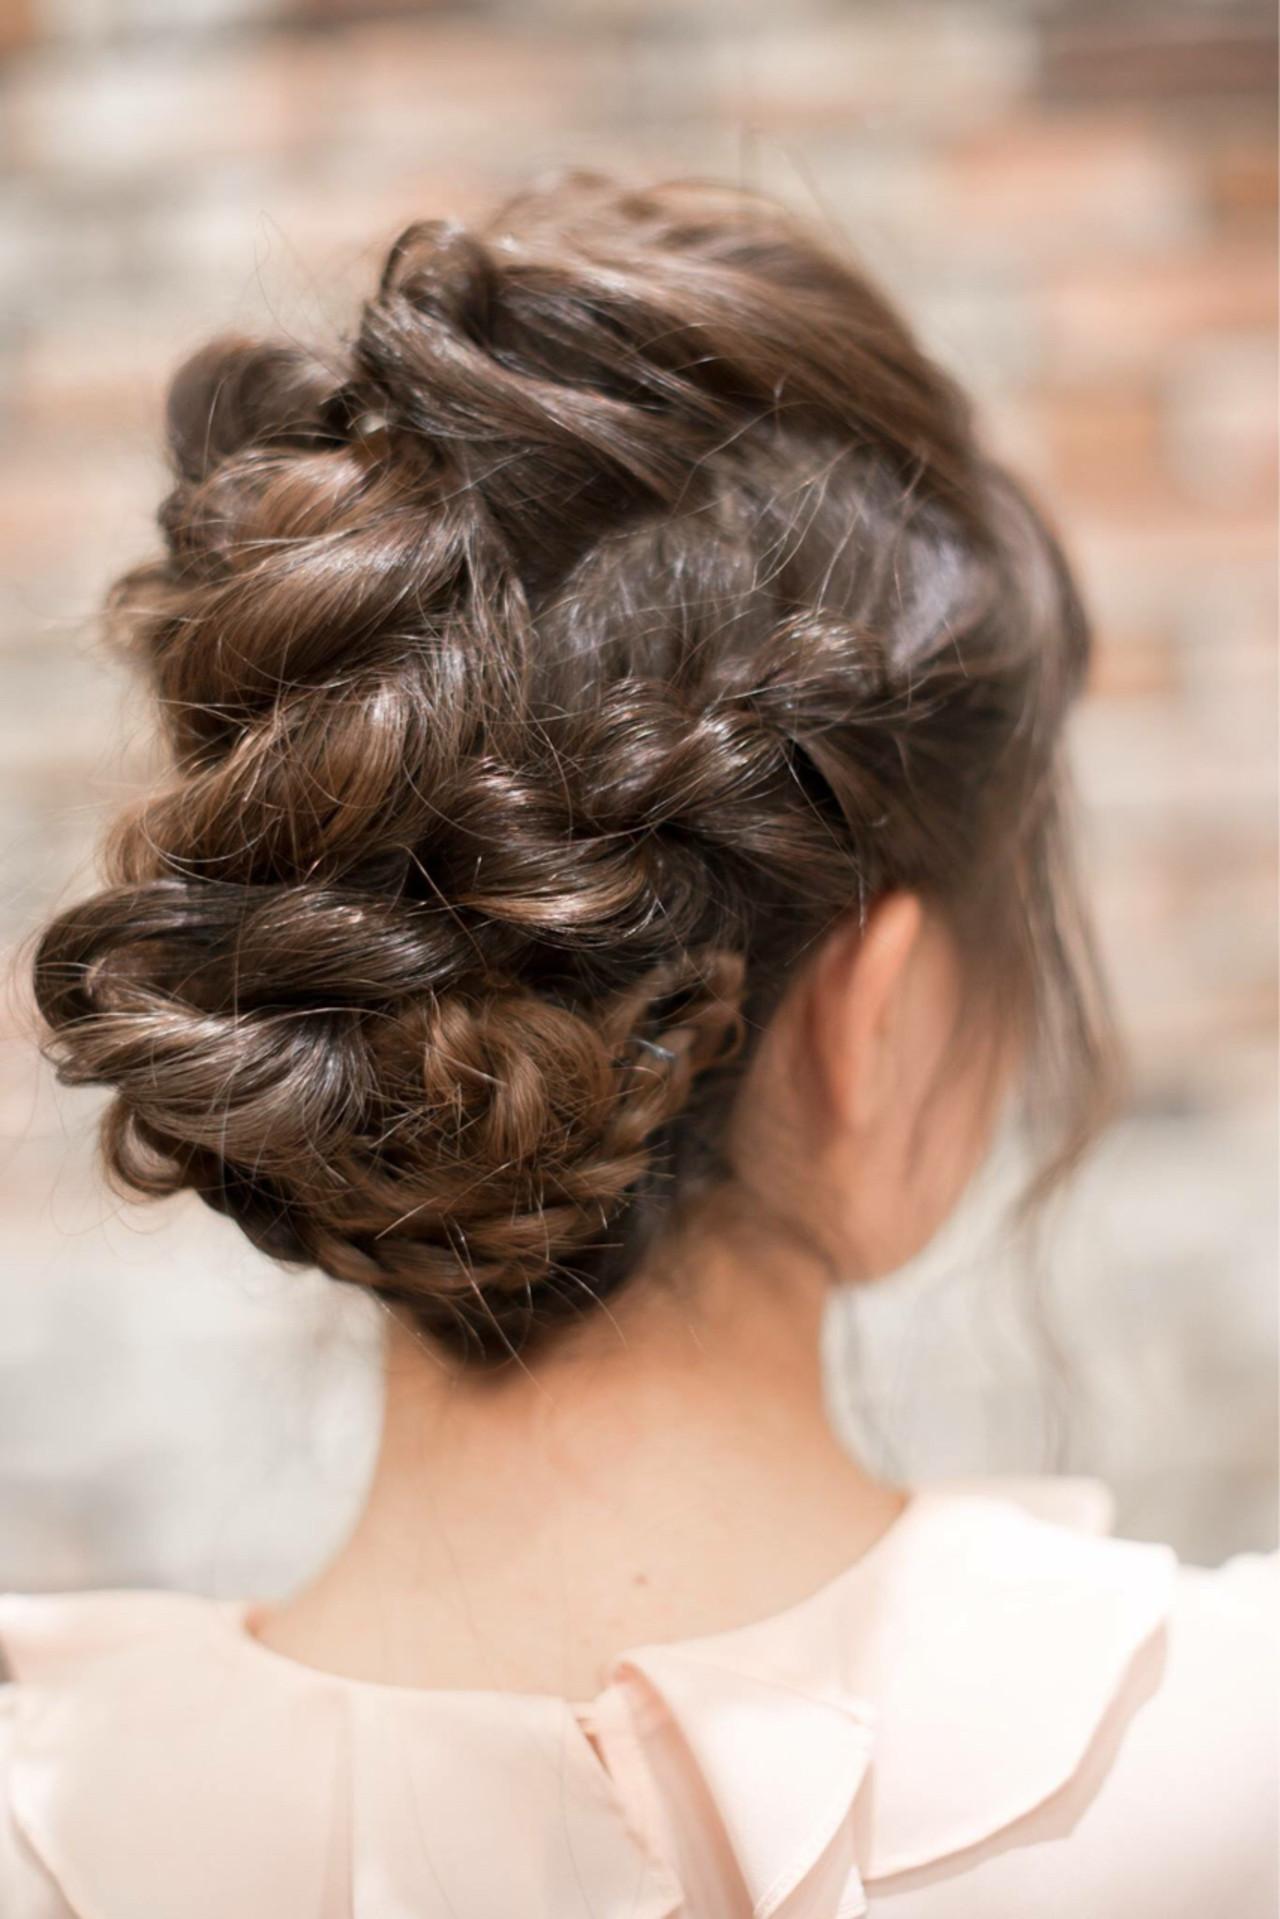 フェミニン セミロング ヘアアレンジ 簡単ヘアアレンジ ヘアスタイルや髪型の写真・画像 | 森 康治 / kiito / kiito